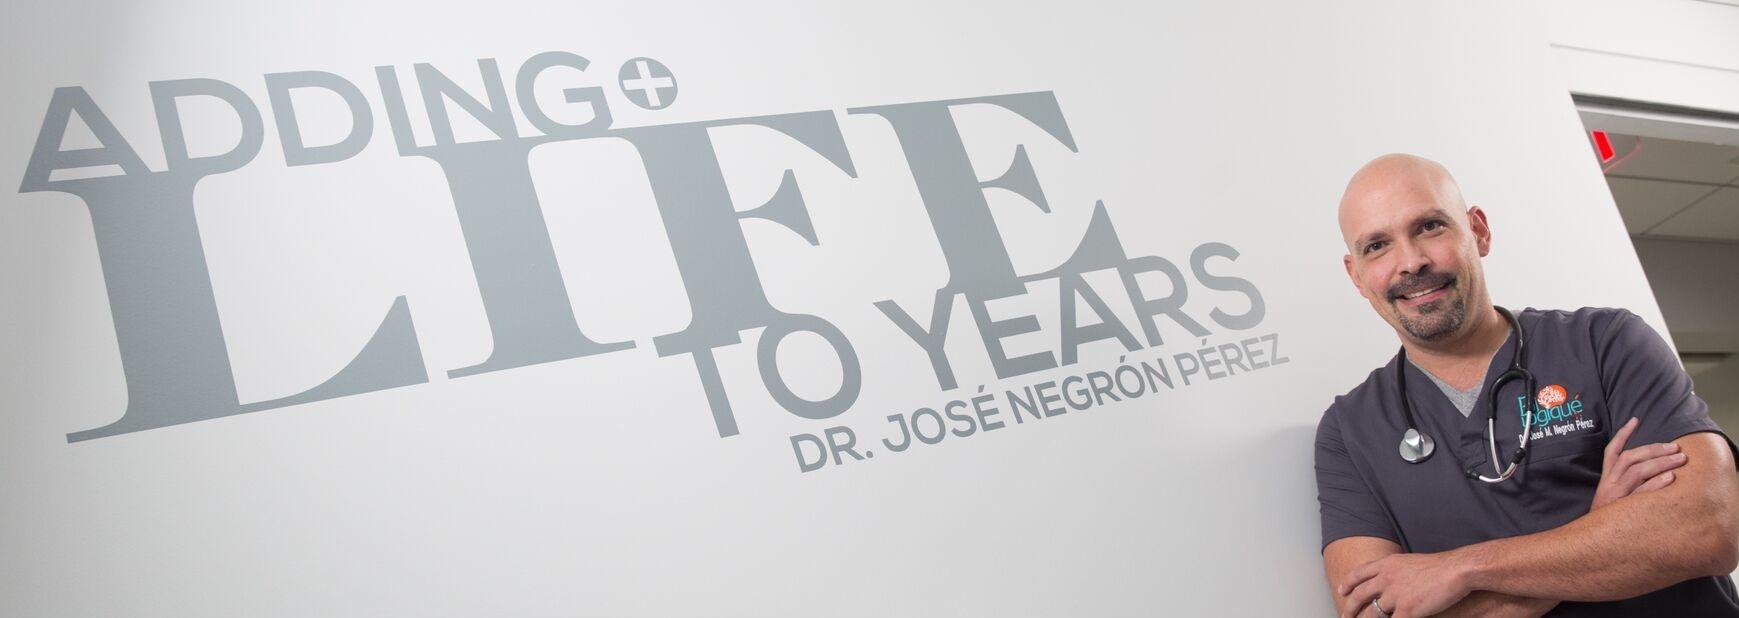 Dr. José Negrón Pérez